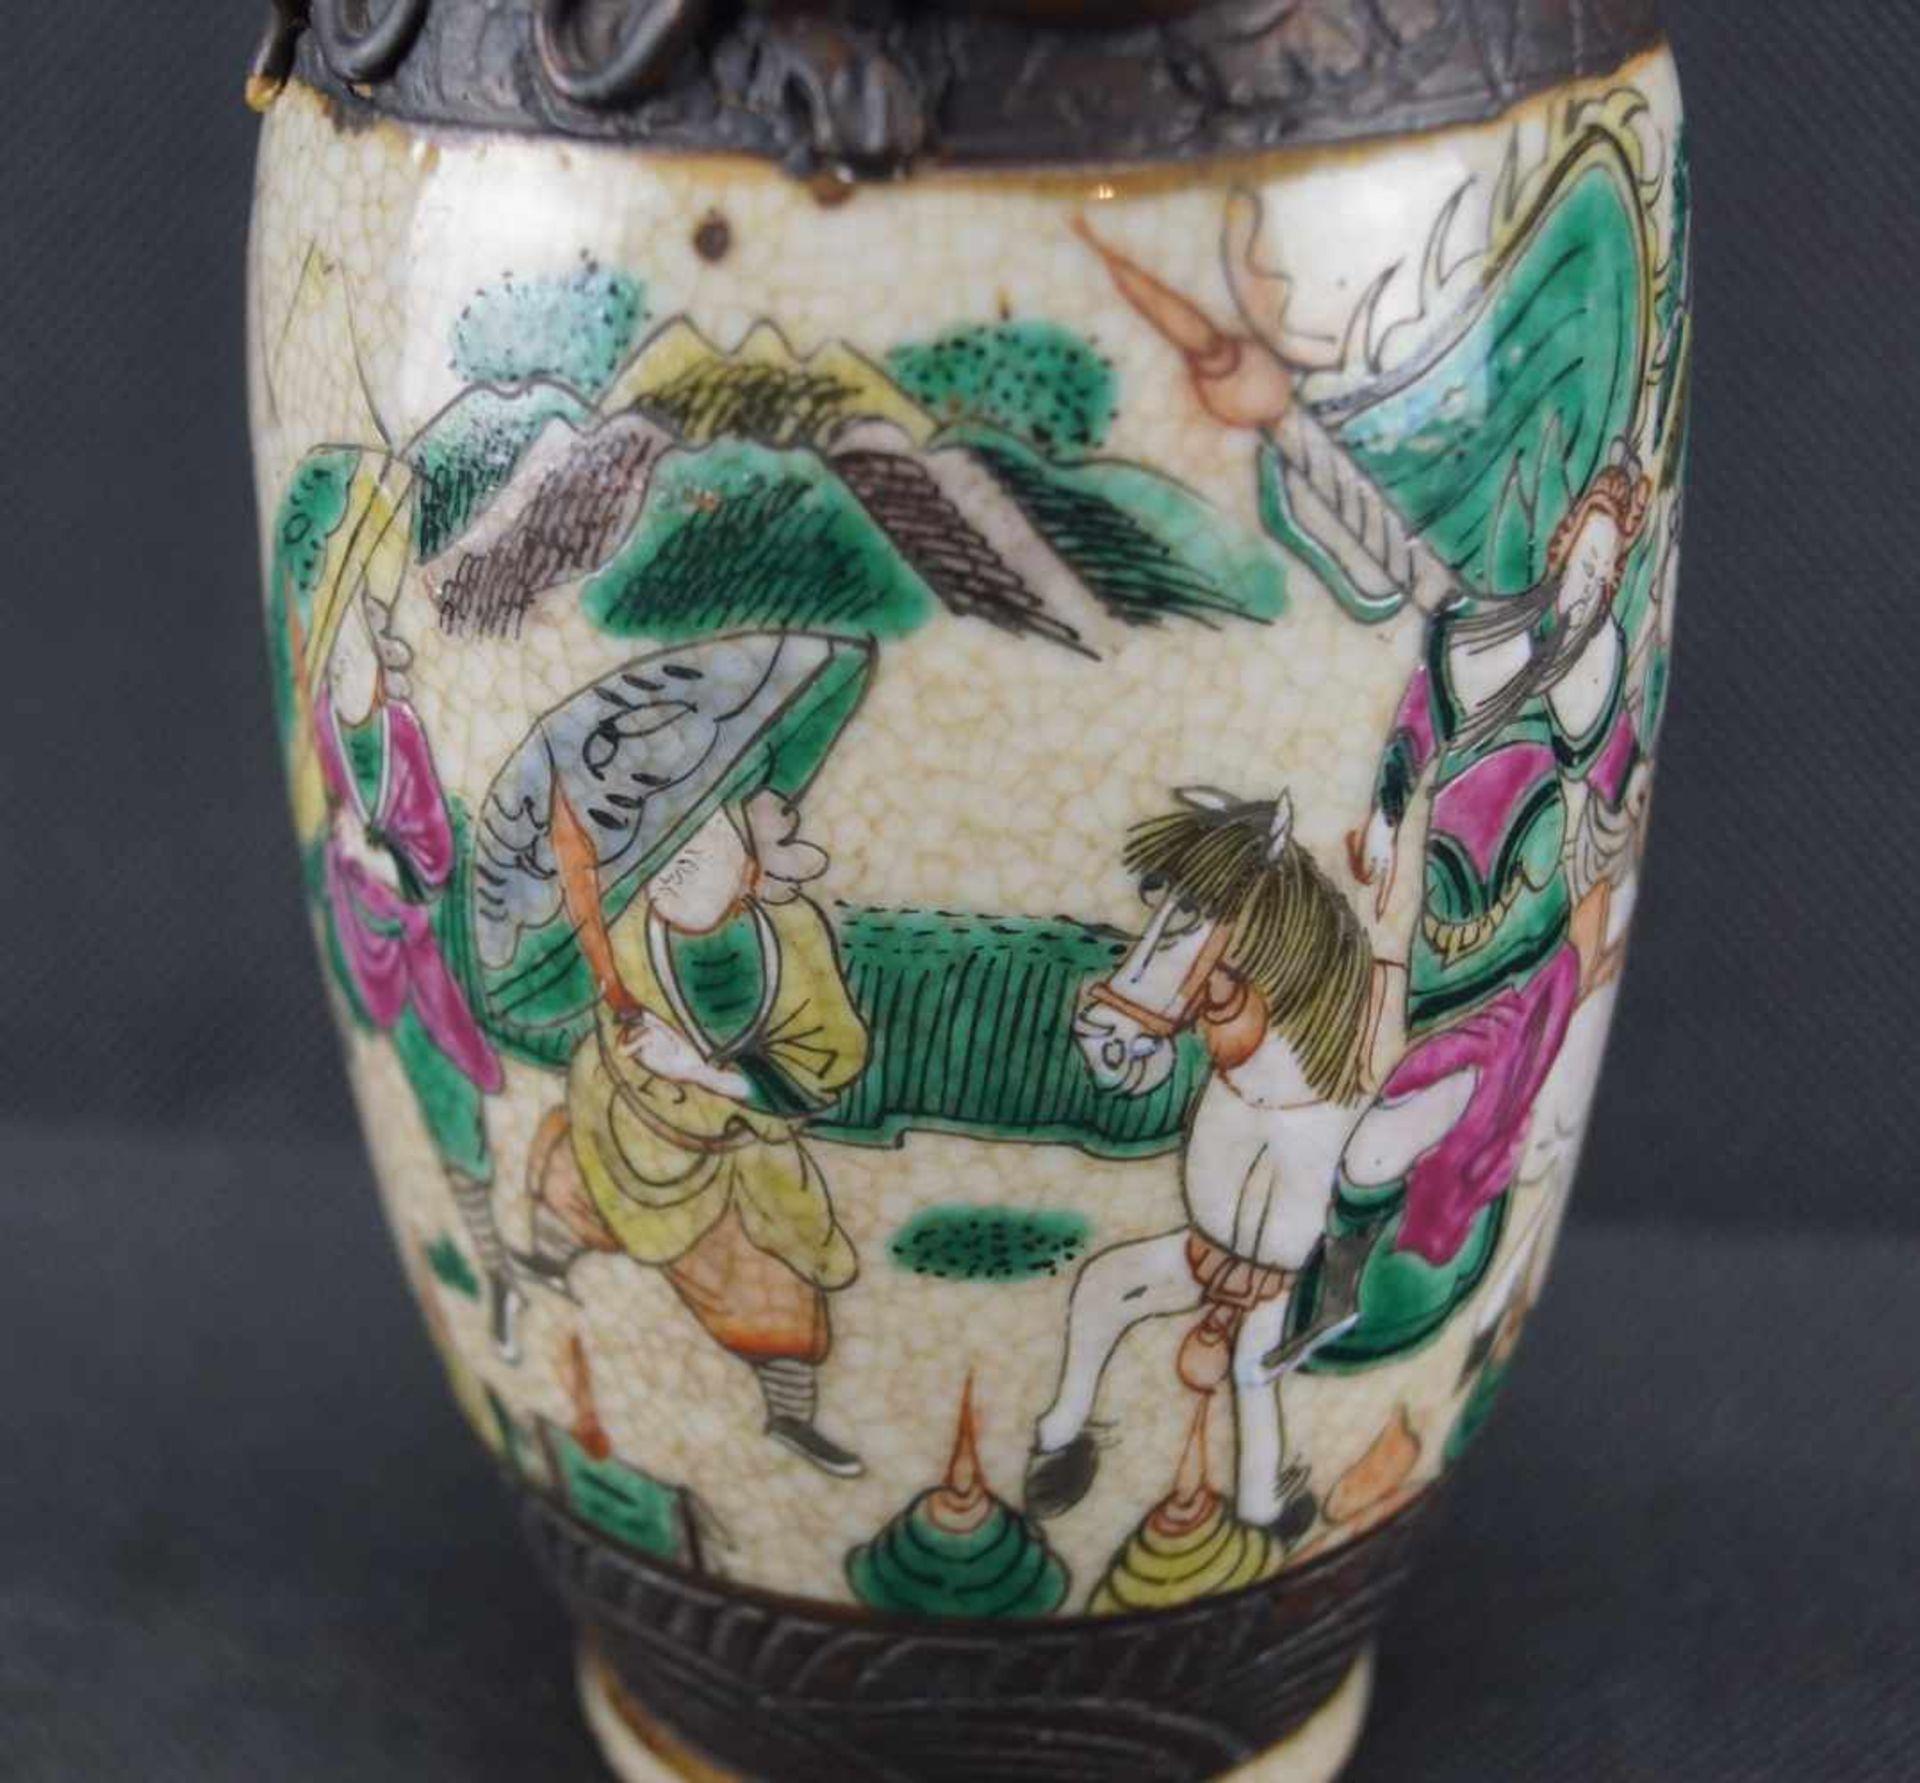 Kleine Vase beiger Scherben, mit craquelierter, cremefarbener Glasur, verziert mit einer umlaufenden - Bild 4 aus 4